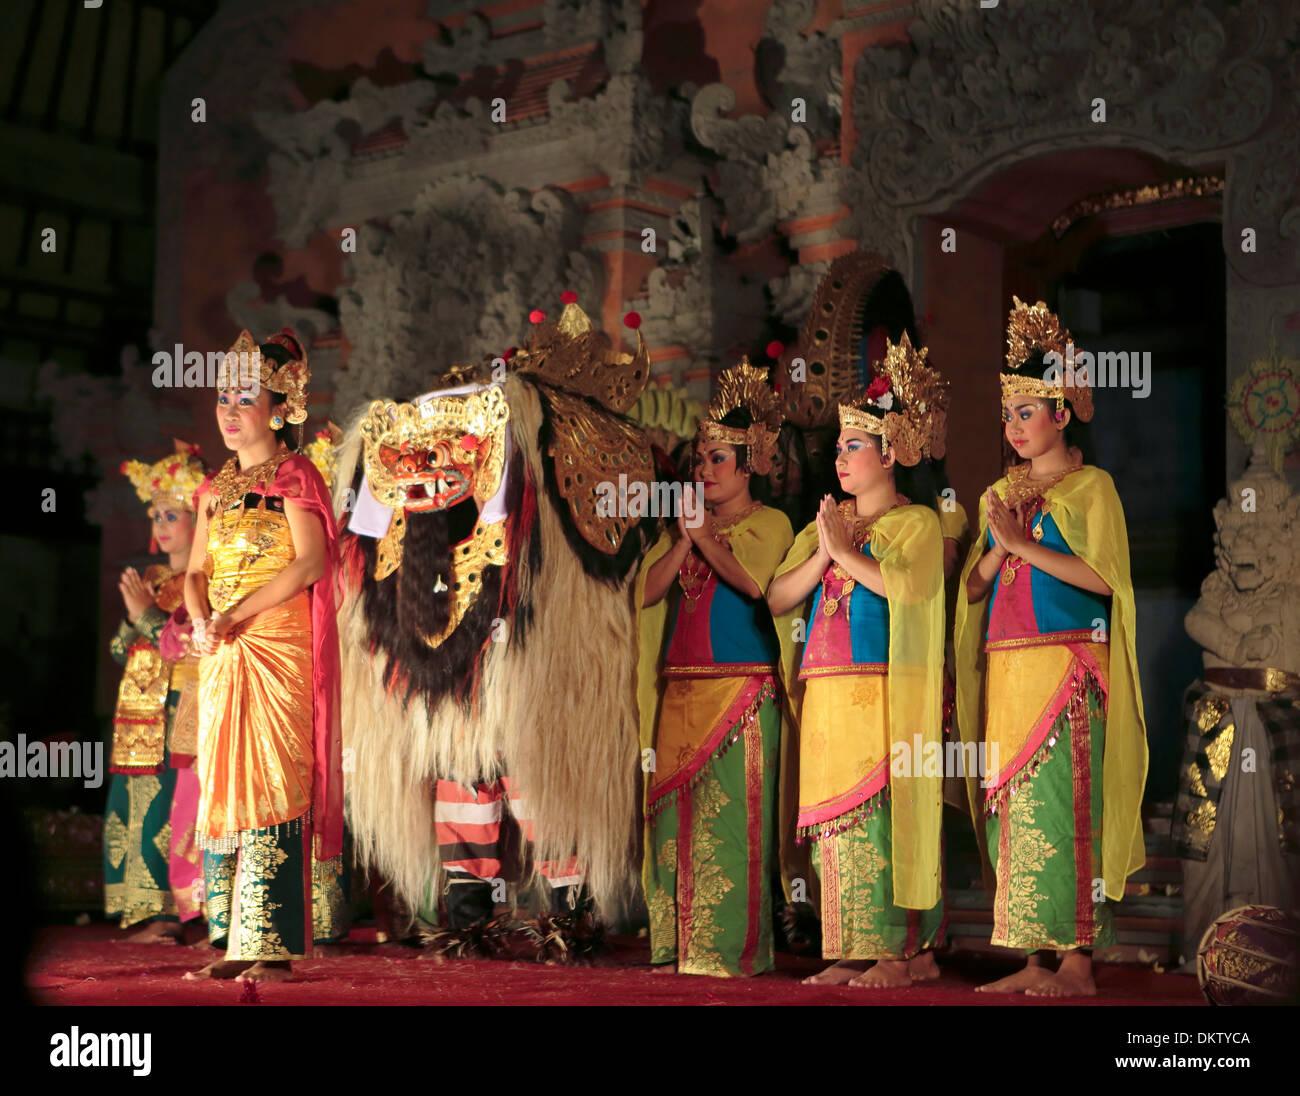 Traditional dances in Ubud Palace, Ubud, Bali, Indonesia - Stock Image